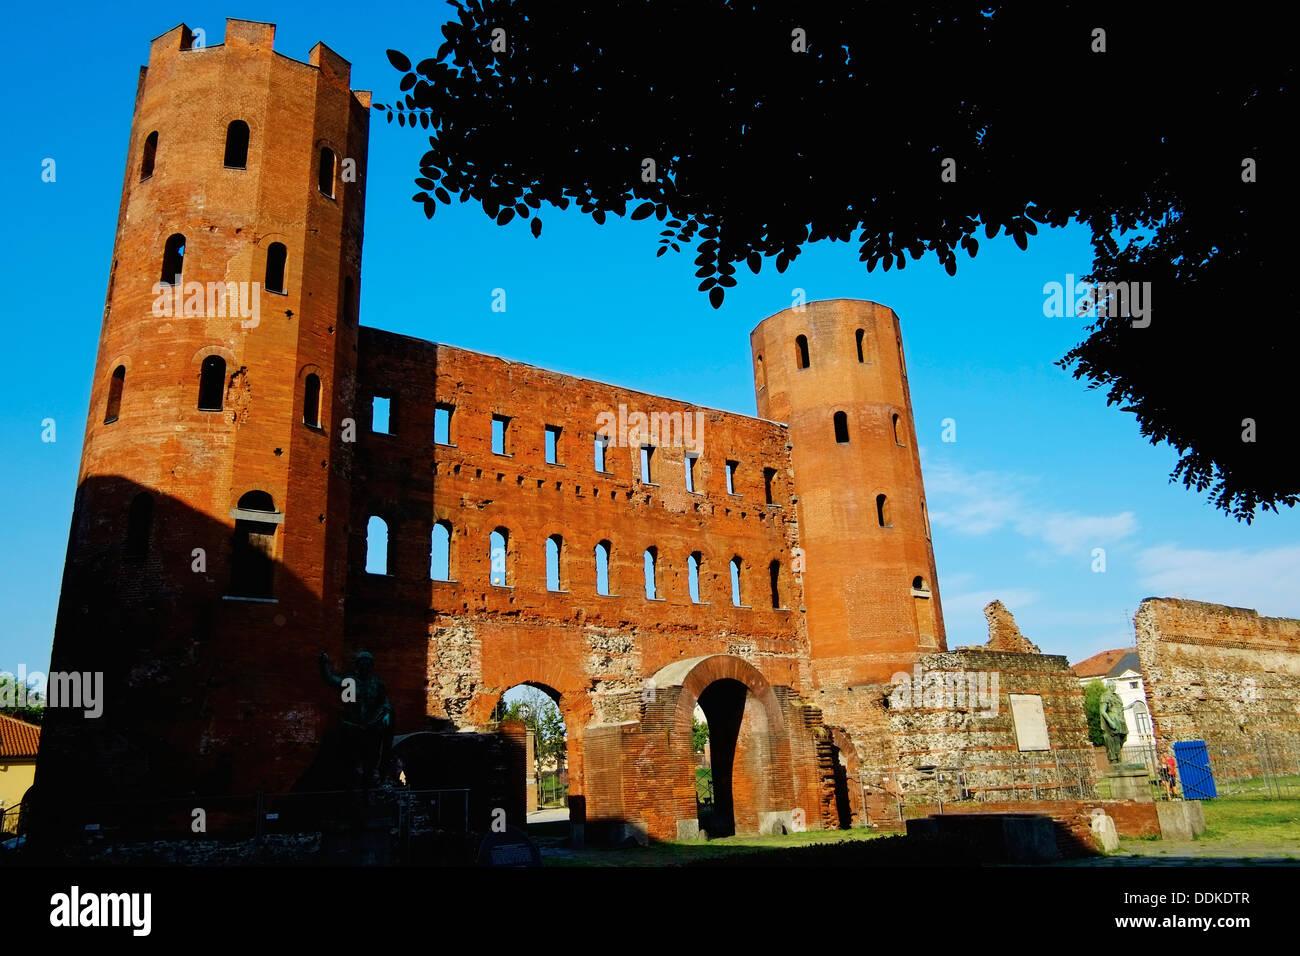 Italy, Piedmont, Turin, Palatine Towers - Stock Image